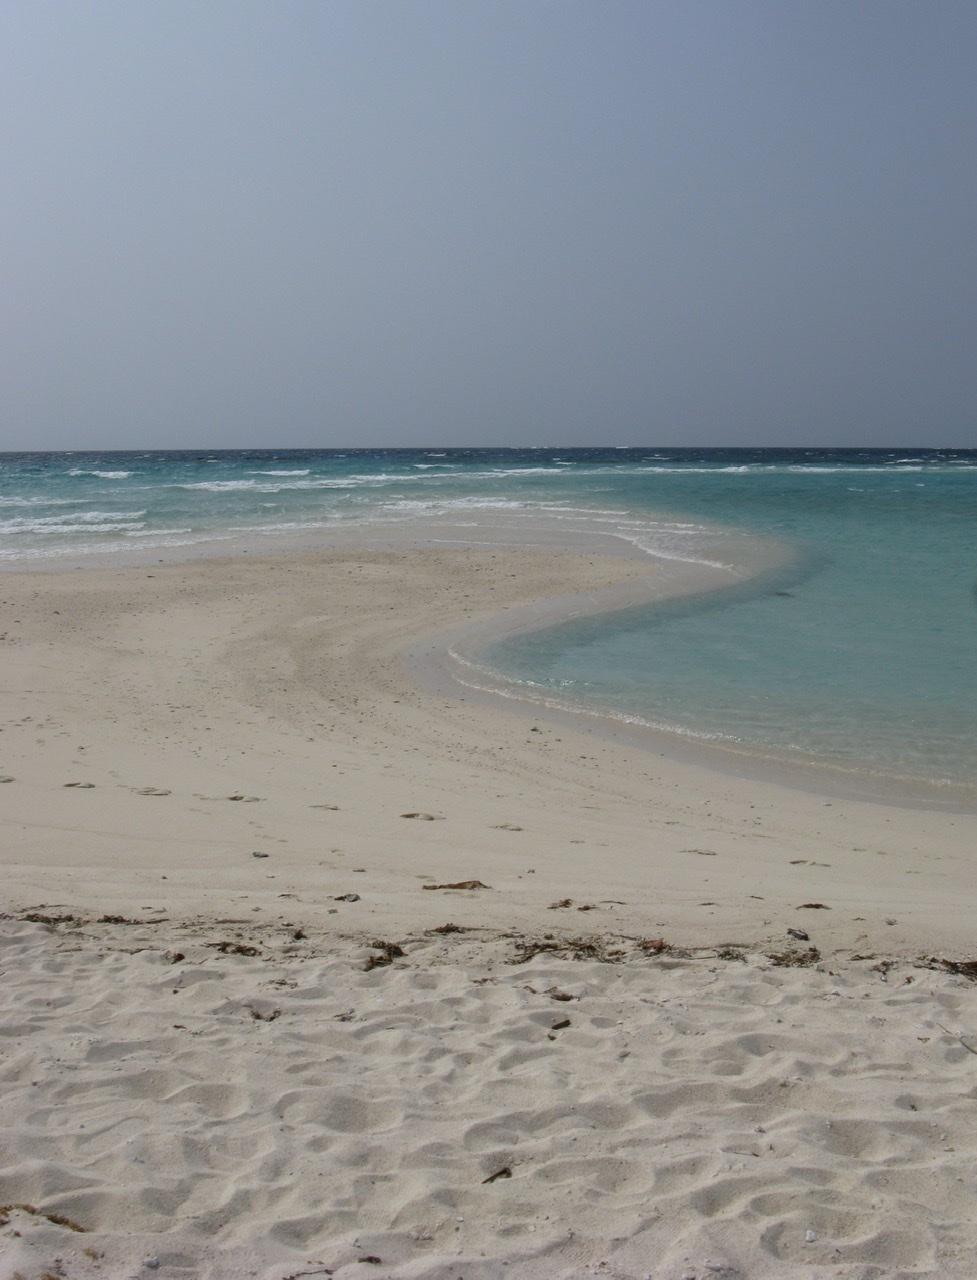 久米島はての浜 B28739B0-3D67-46E8-87D6-E6782A7B5F72